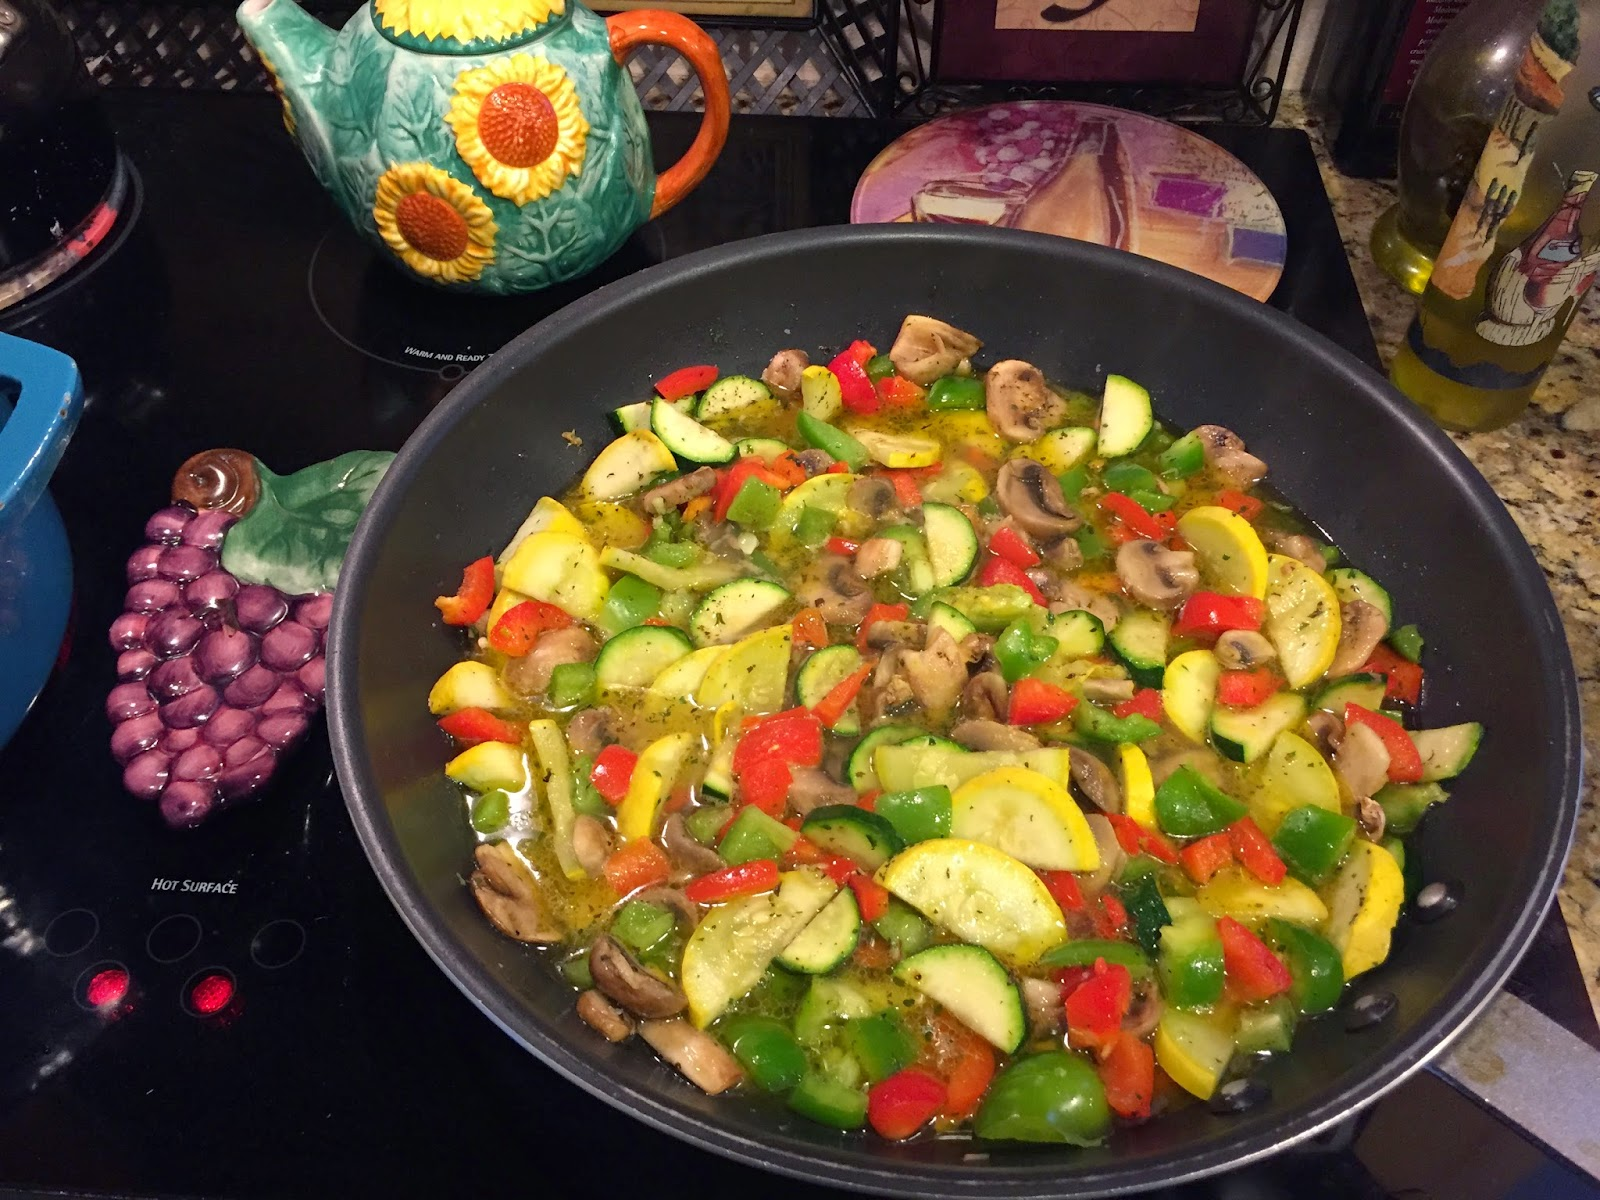 Sauteing vegetables for pasta primavera